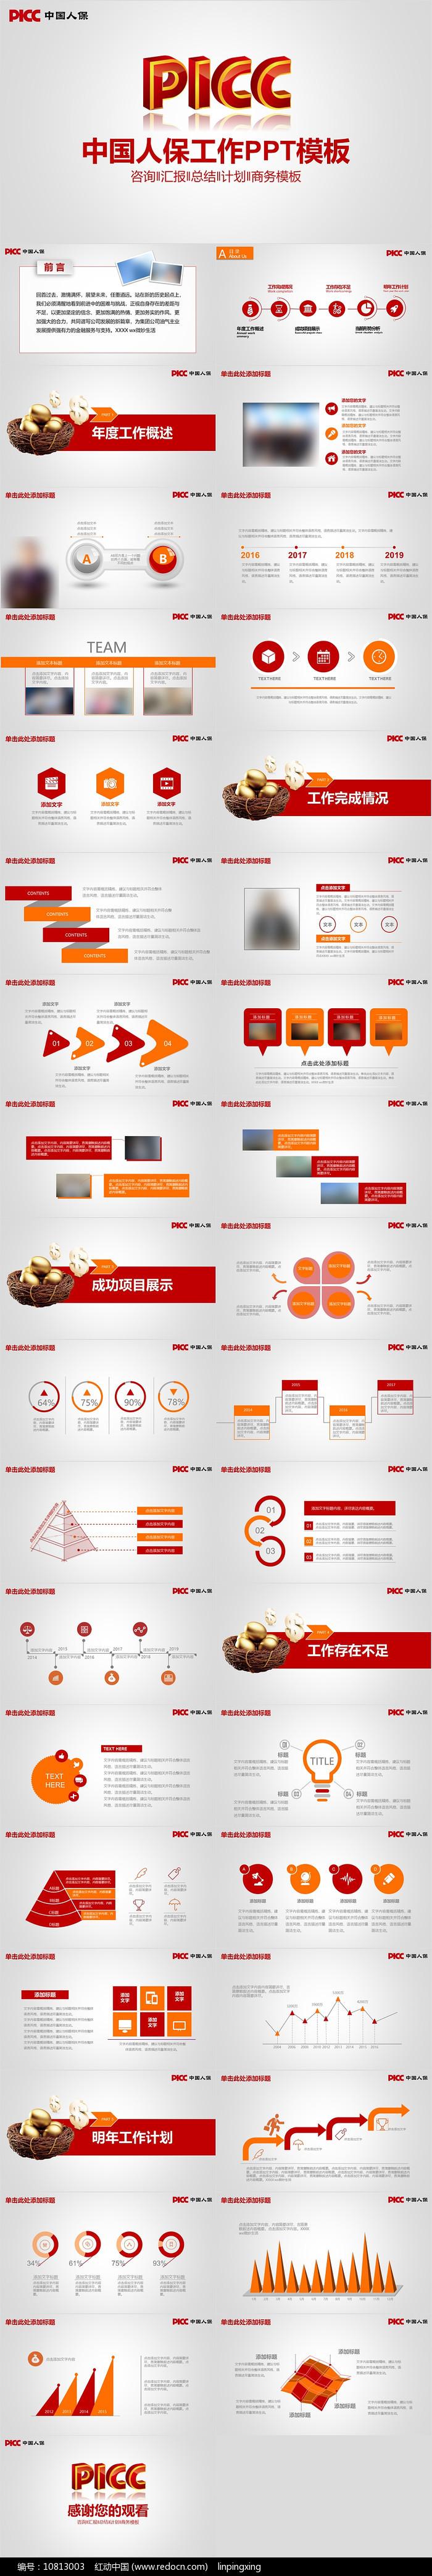 中国人保中国人民保险公司PPT